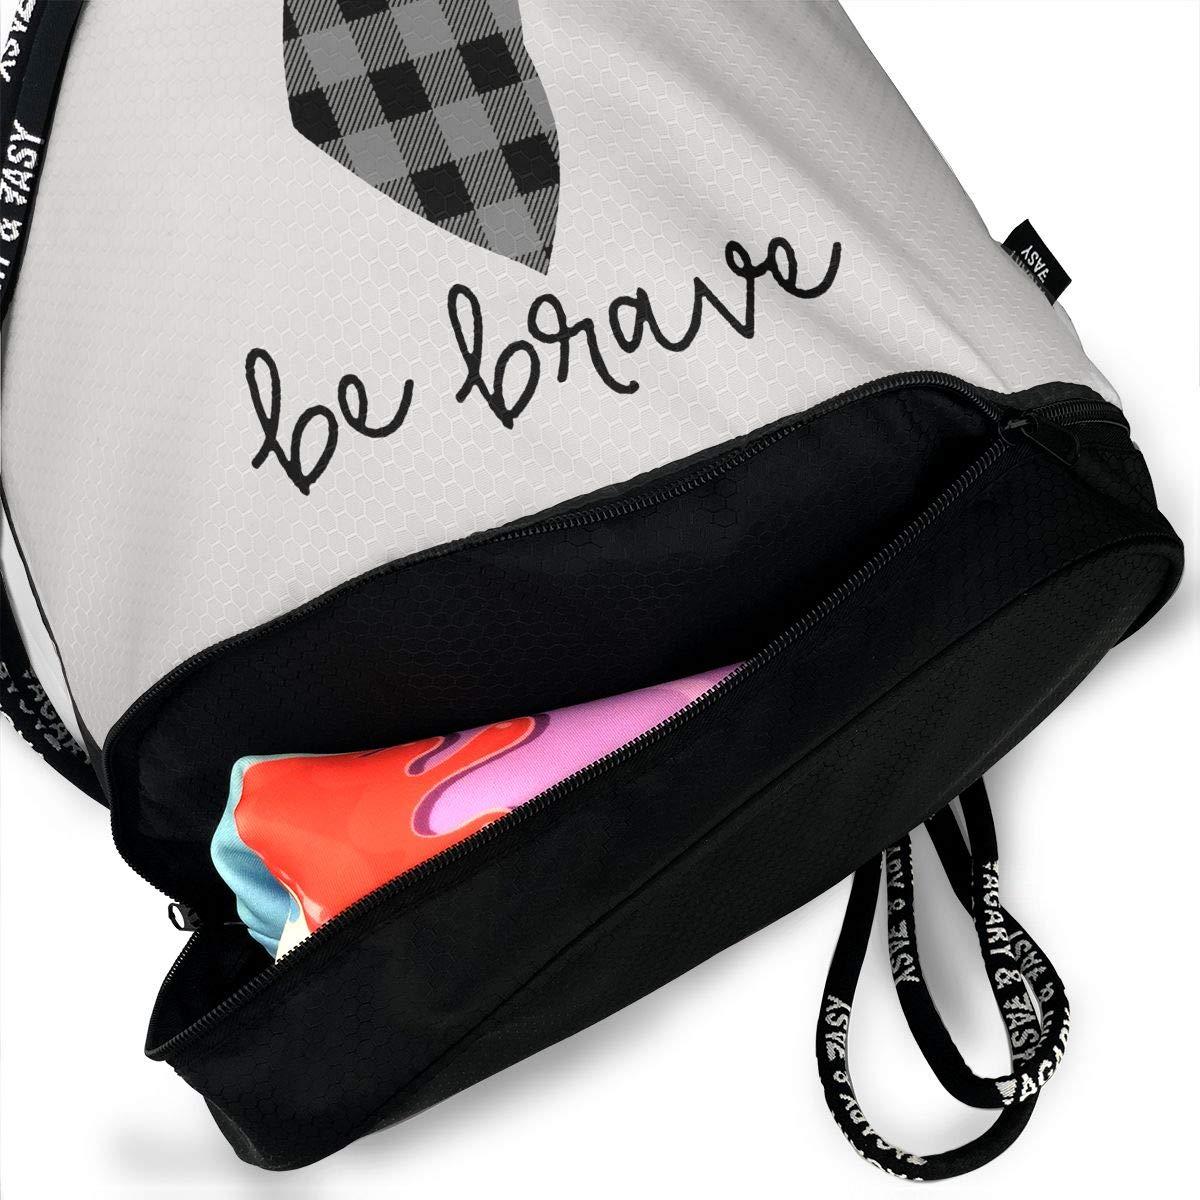 HUOPR5Q Grey and Black Buffalo Plaid Moose Drawstring Backpack Sport Gym Sack Shoulder Bulk Bag Dance Bag for School Travel